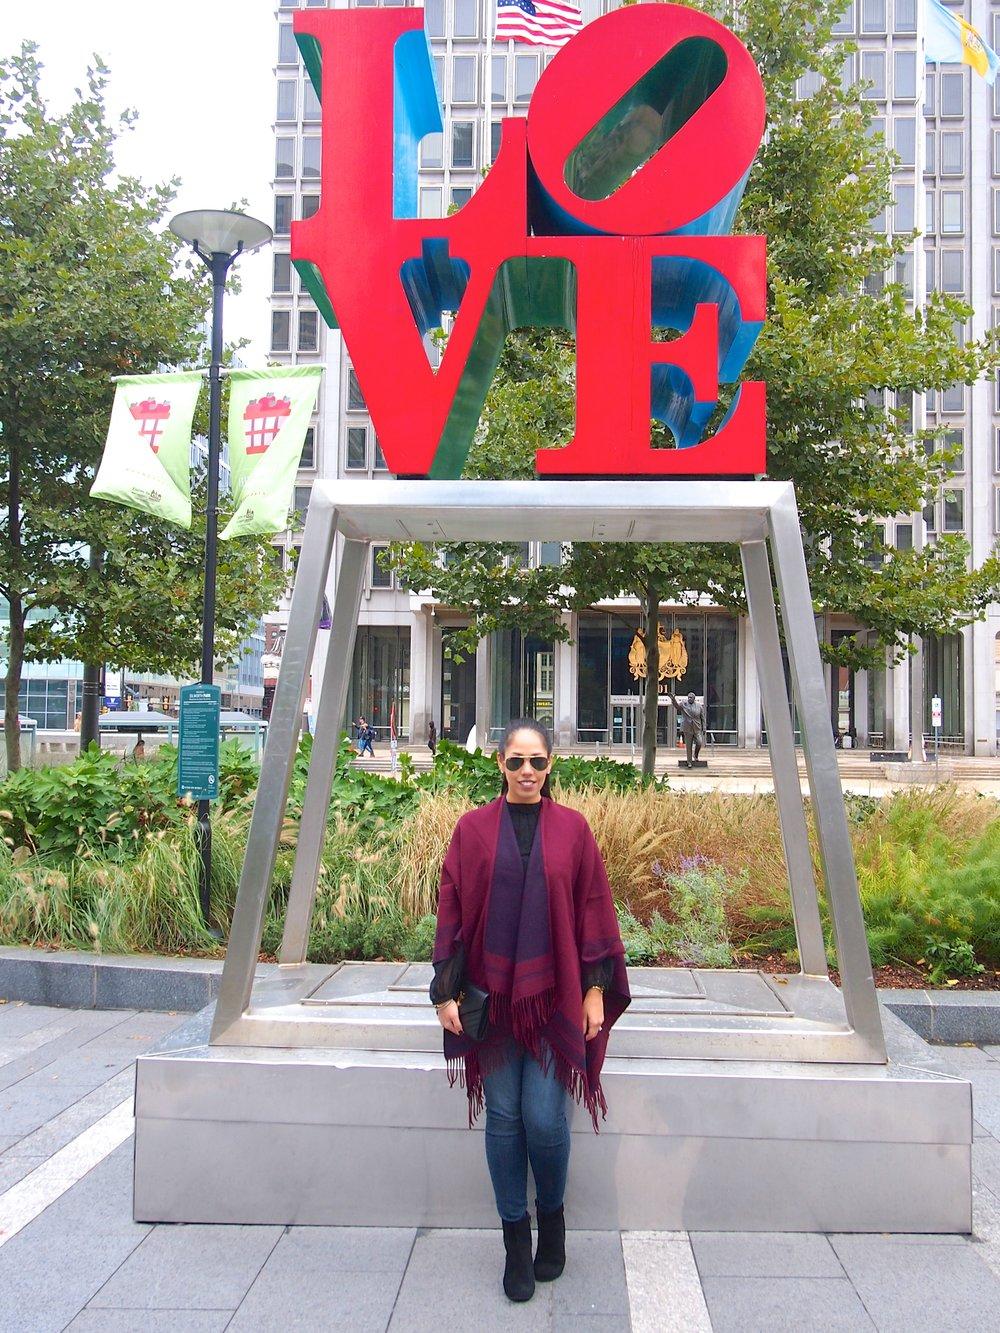 Love-Sign-Philadelphia.jpg